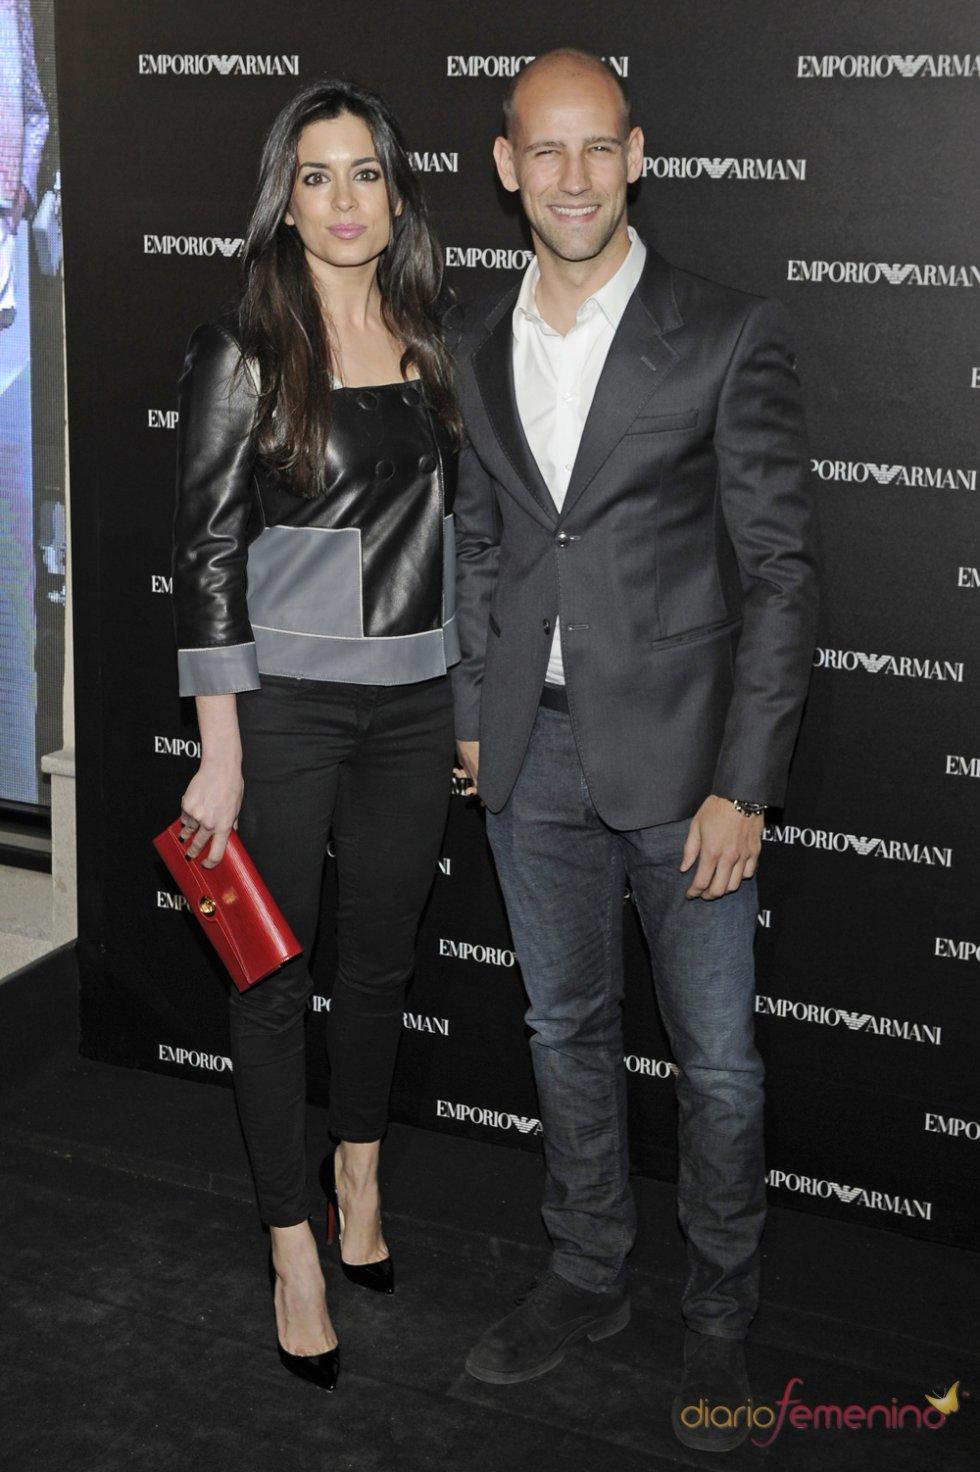 Gonzalo Miró y Ana Isabel Medinabeitia en la inauguración de la tienda Emporio Armani en Madrid